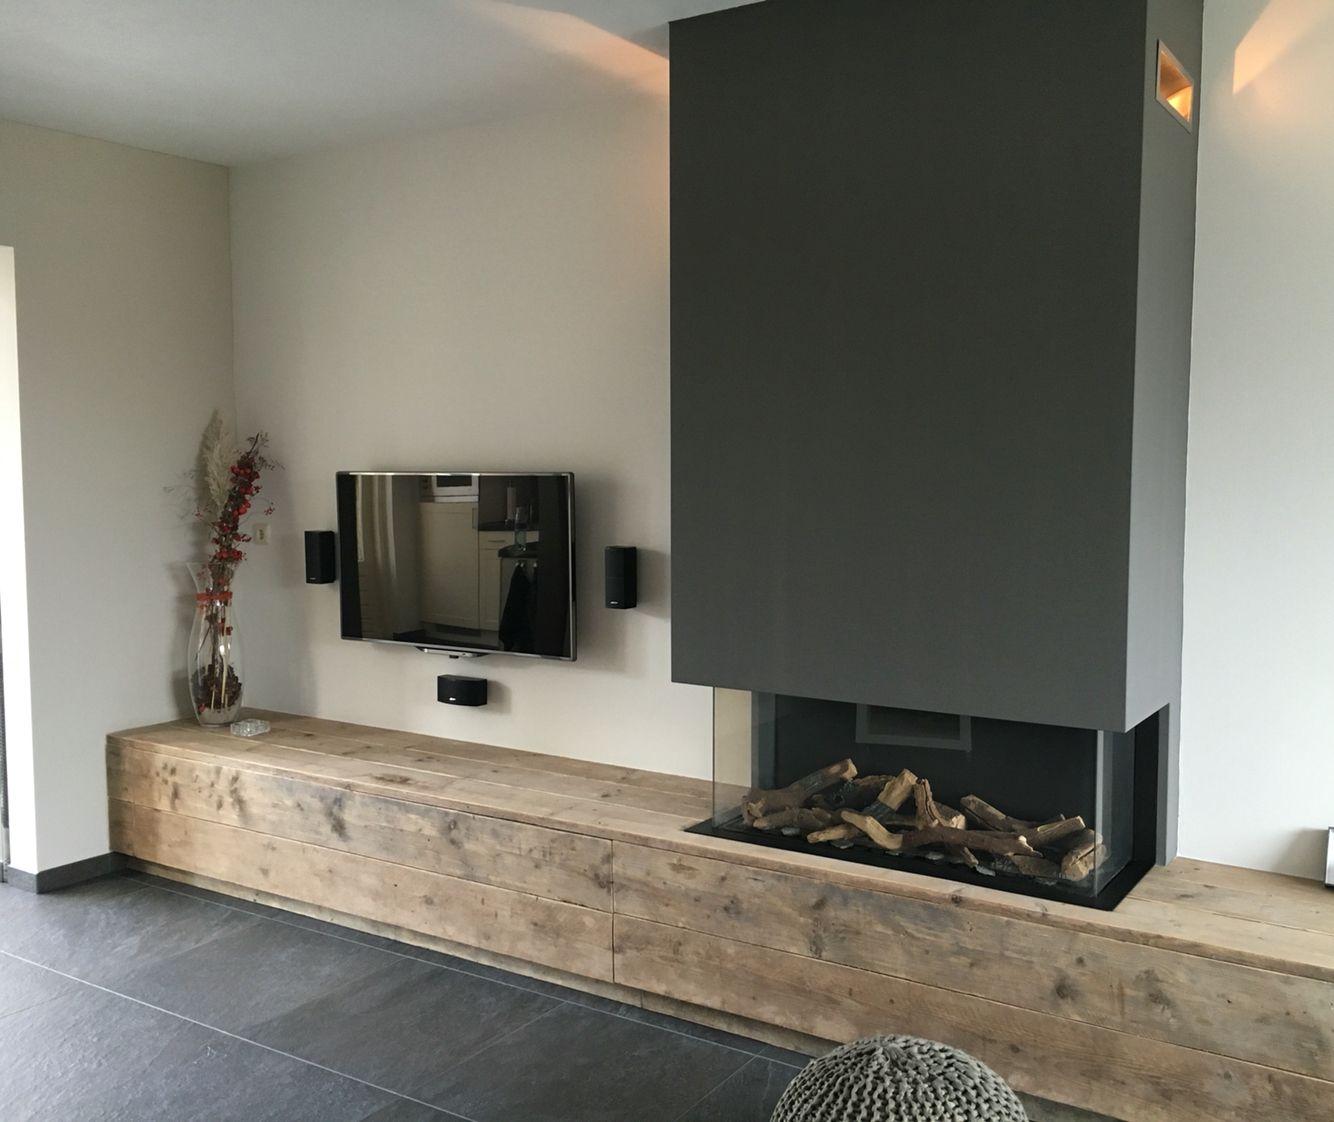 gesloten gashaard met steigerhout woonkamer pinterest wohnzimmer einrichtung und wohnen. Black Bedroom Furniture Sets. Home Design Ideas